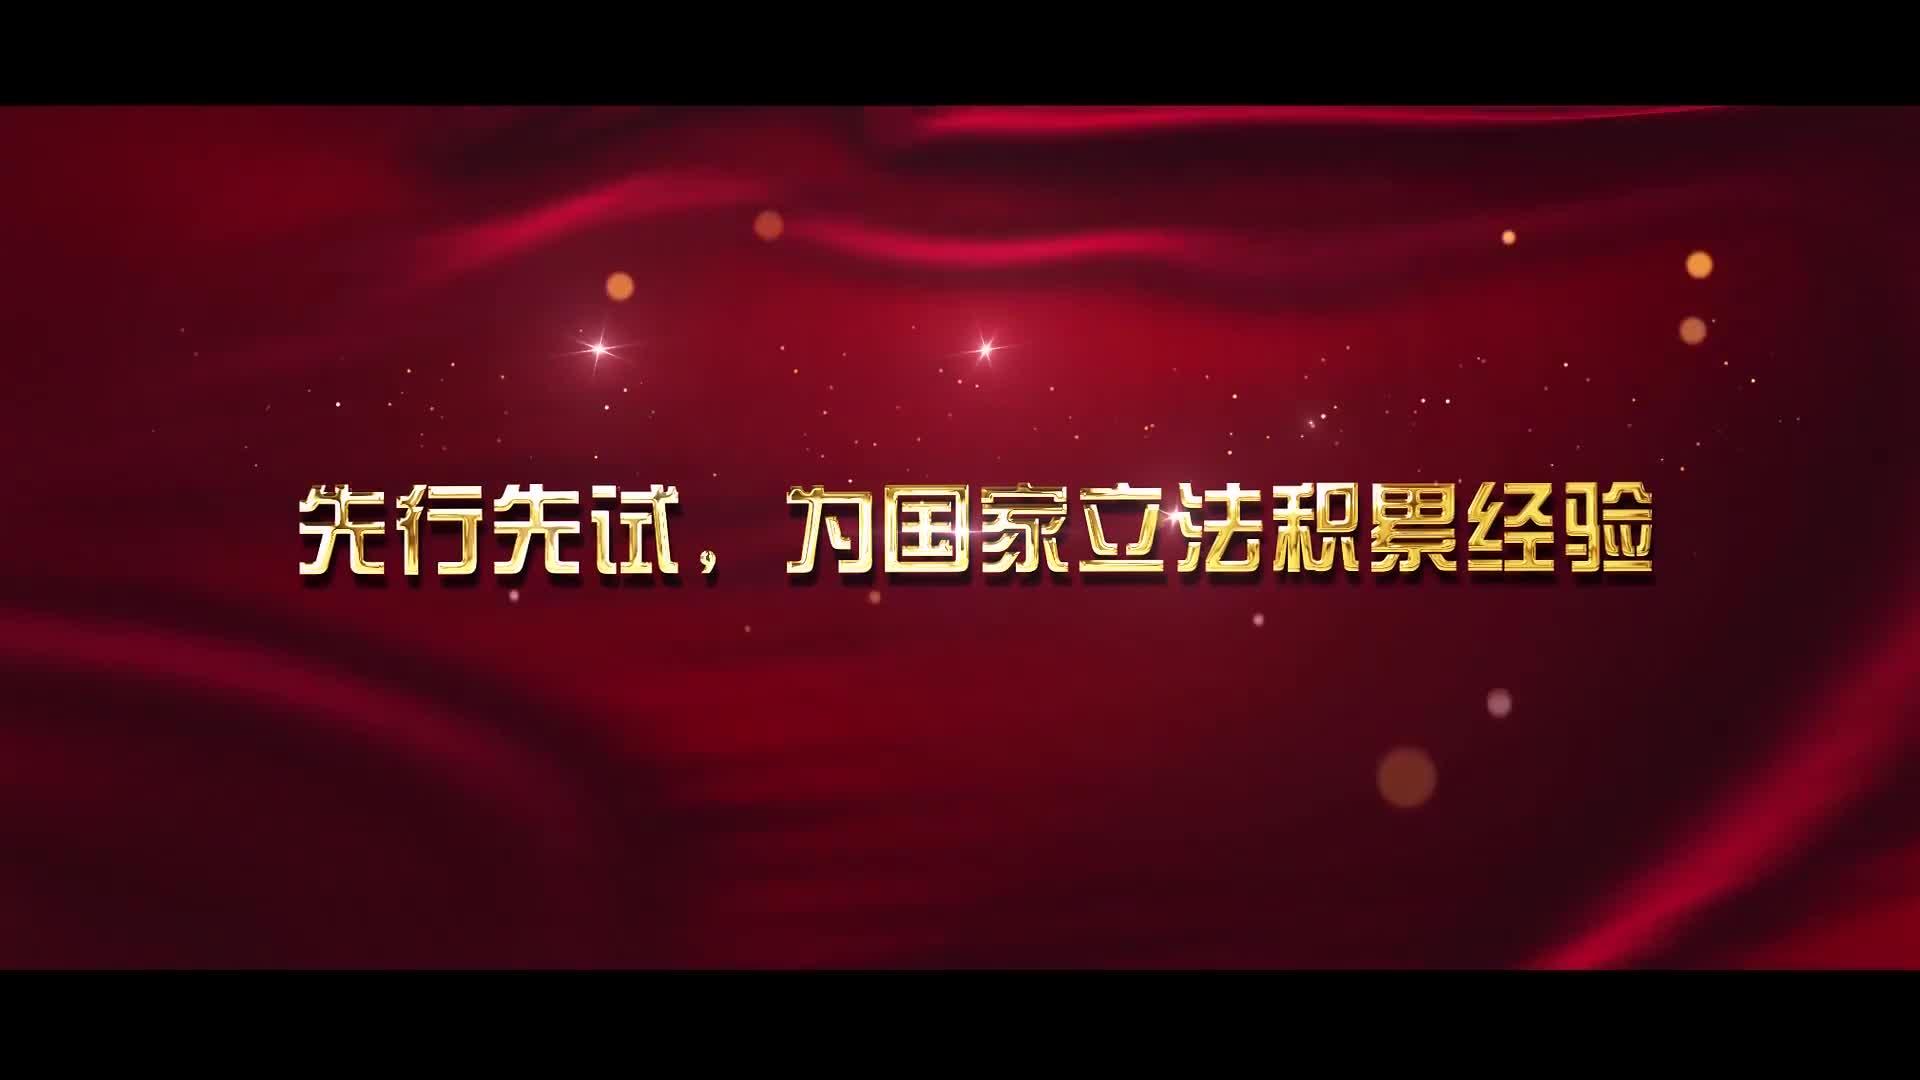 【全程回顾】讲好立法故事·纪念地方立法40周年 (上)